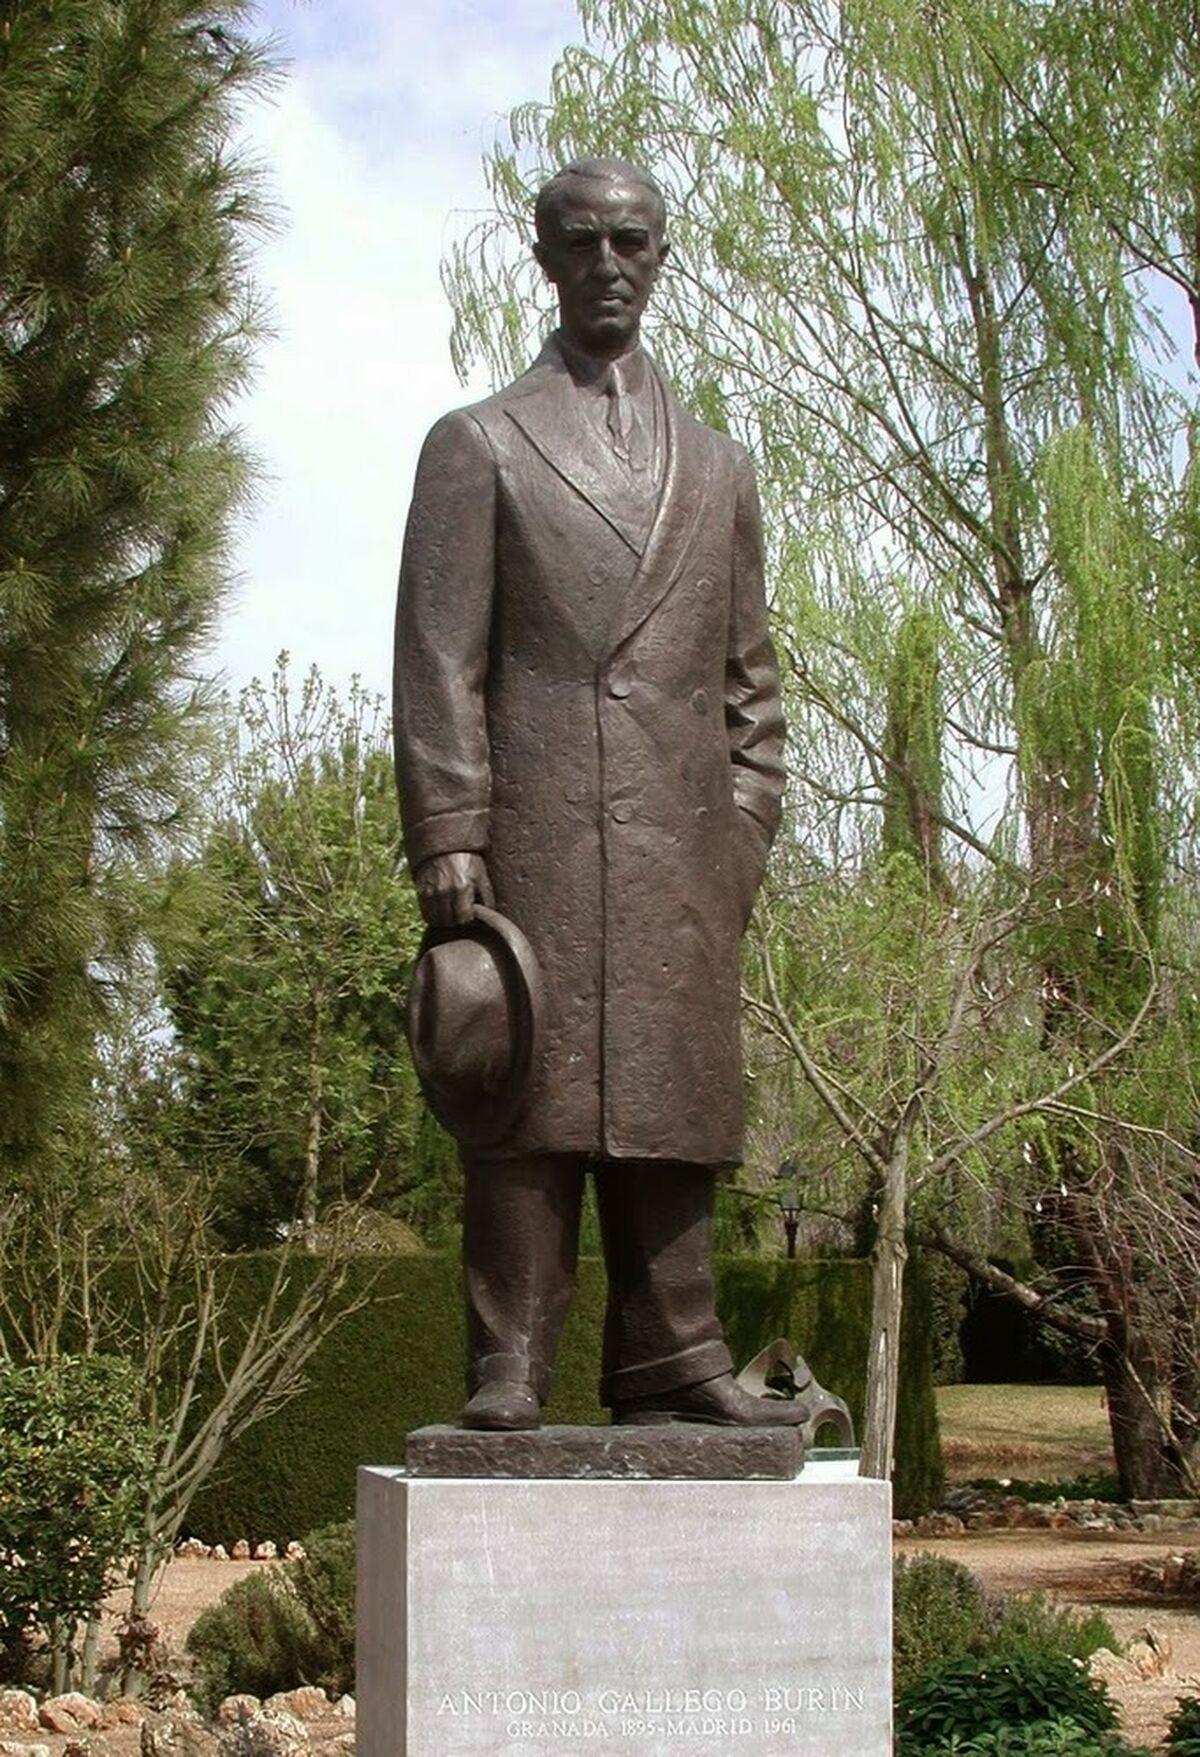 La estatua de Gallego Burín está en los jardines del taller de Miguel Moreno.